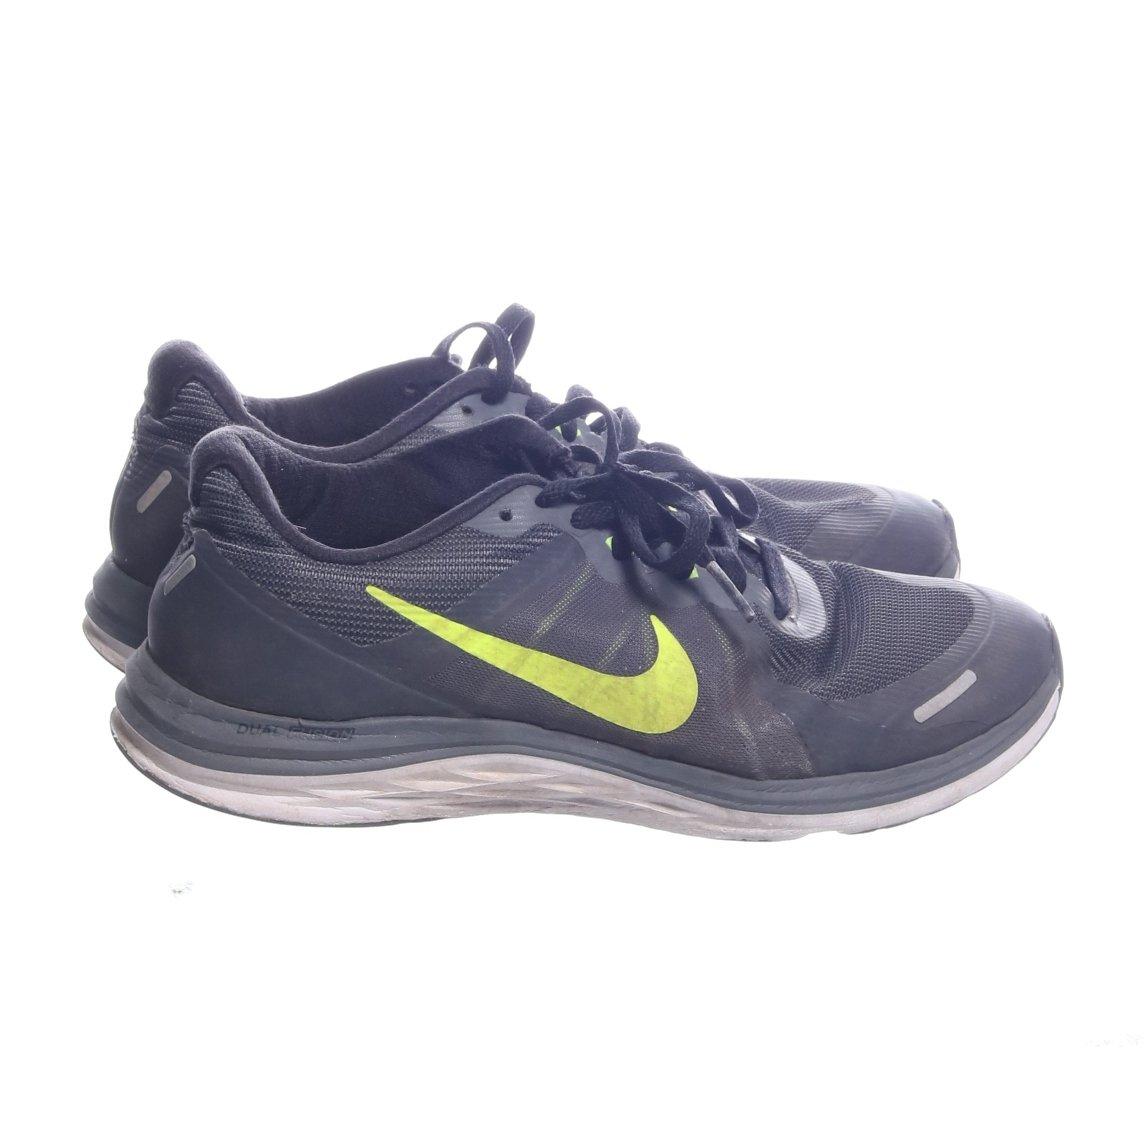 hot sale online a1ccd 0e2e1 Nike, Träningsskor, Strl  39, Svart Grå Gul